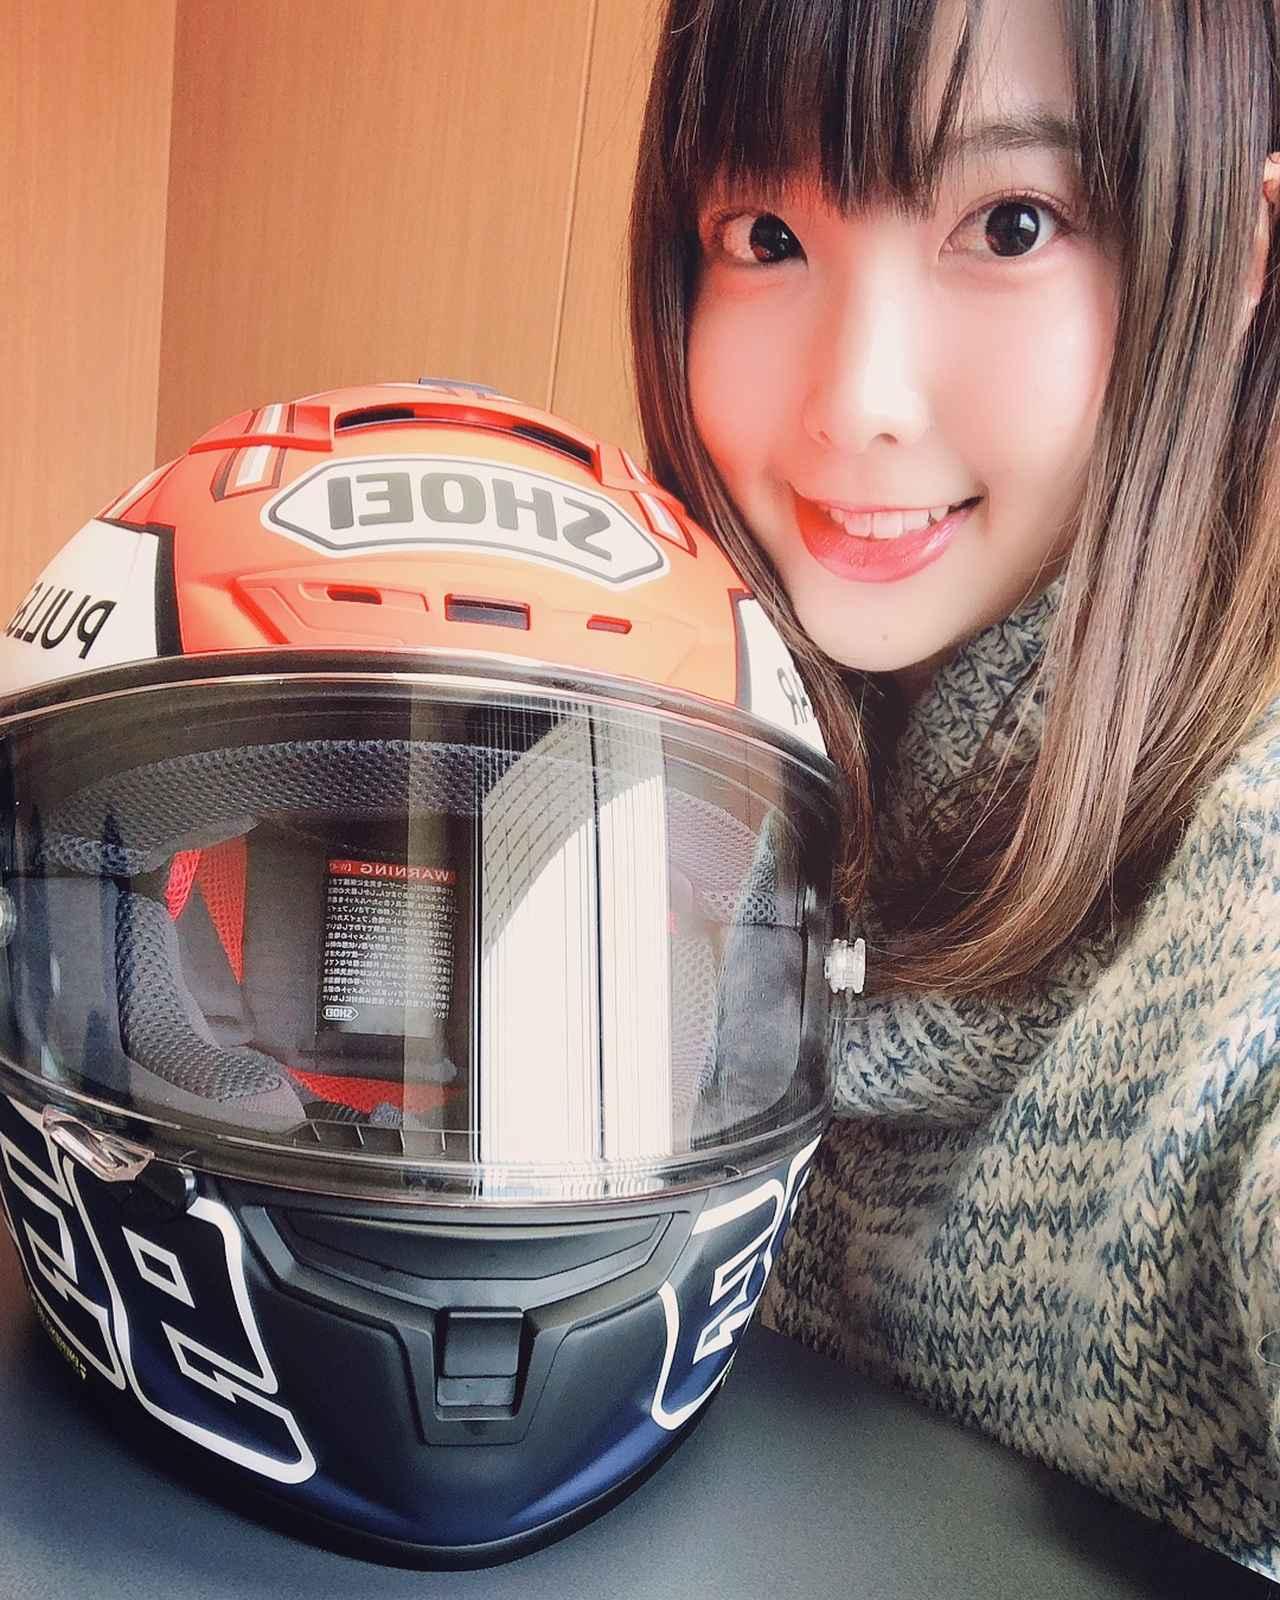 画像1: 素敵すぎるヘルメットに歓喜!